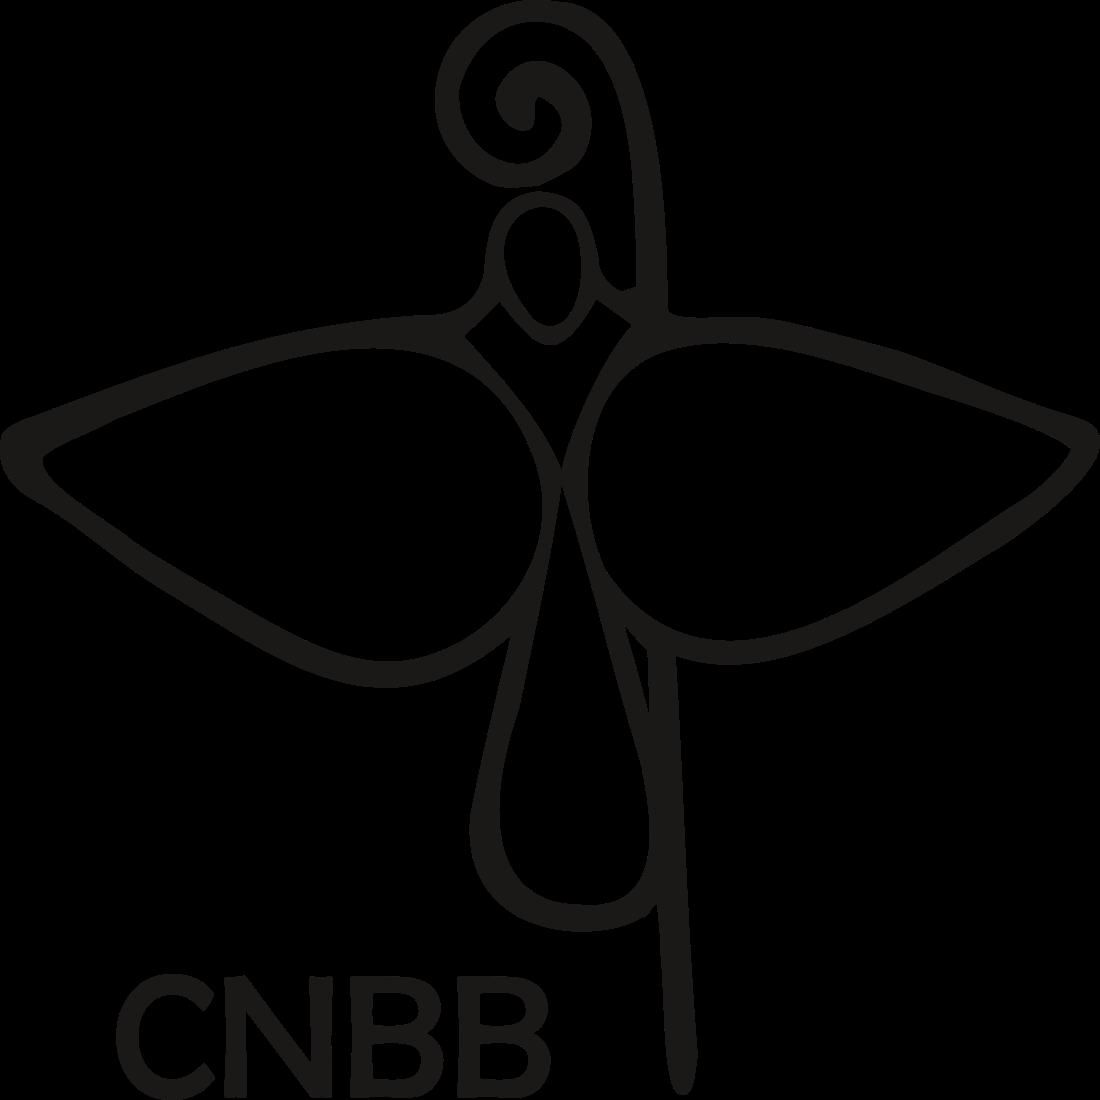 cnbb logo 3 - CNBB Logo - Conferência Nacional dos Bispos do Brasil Logo